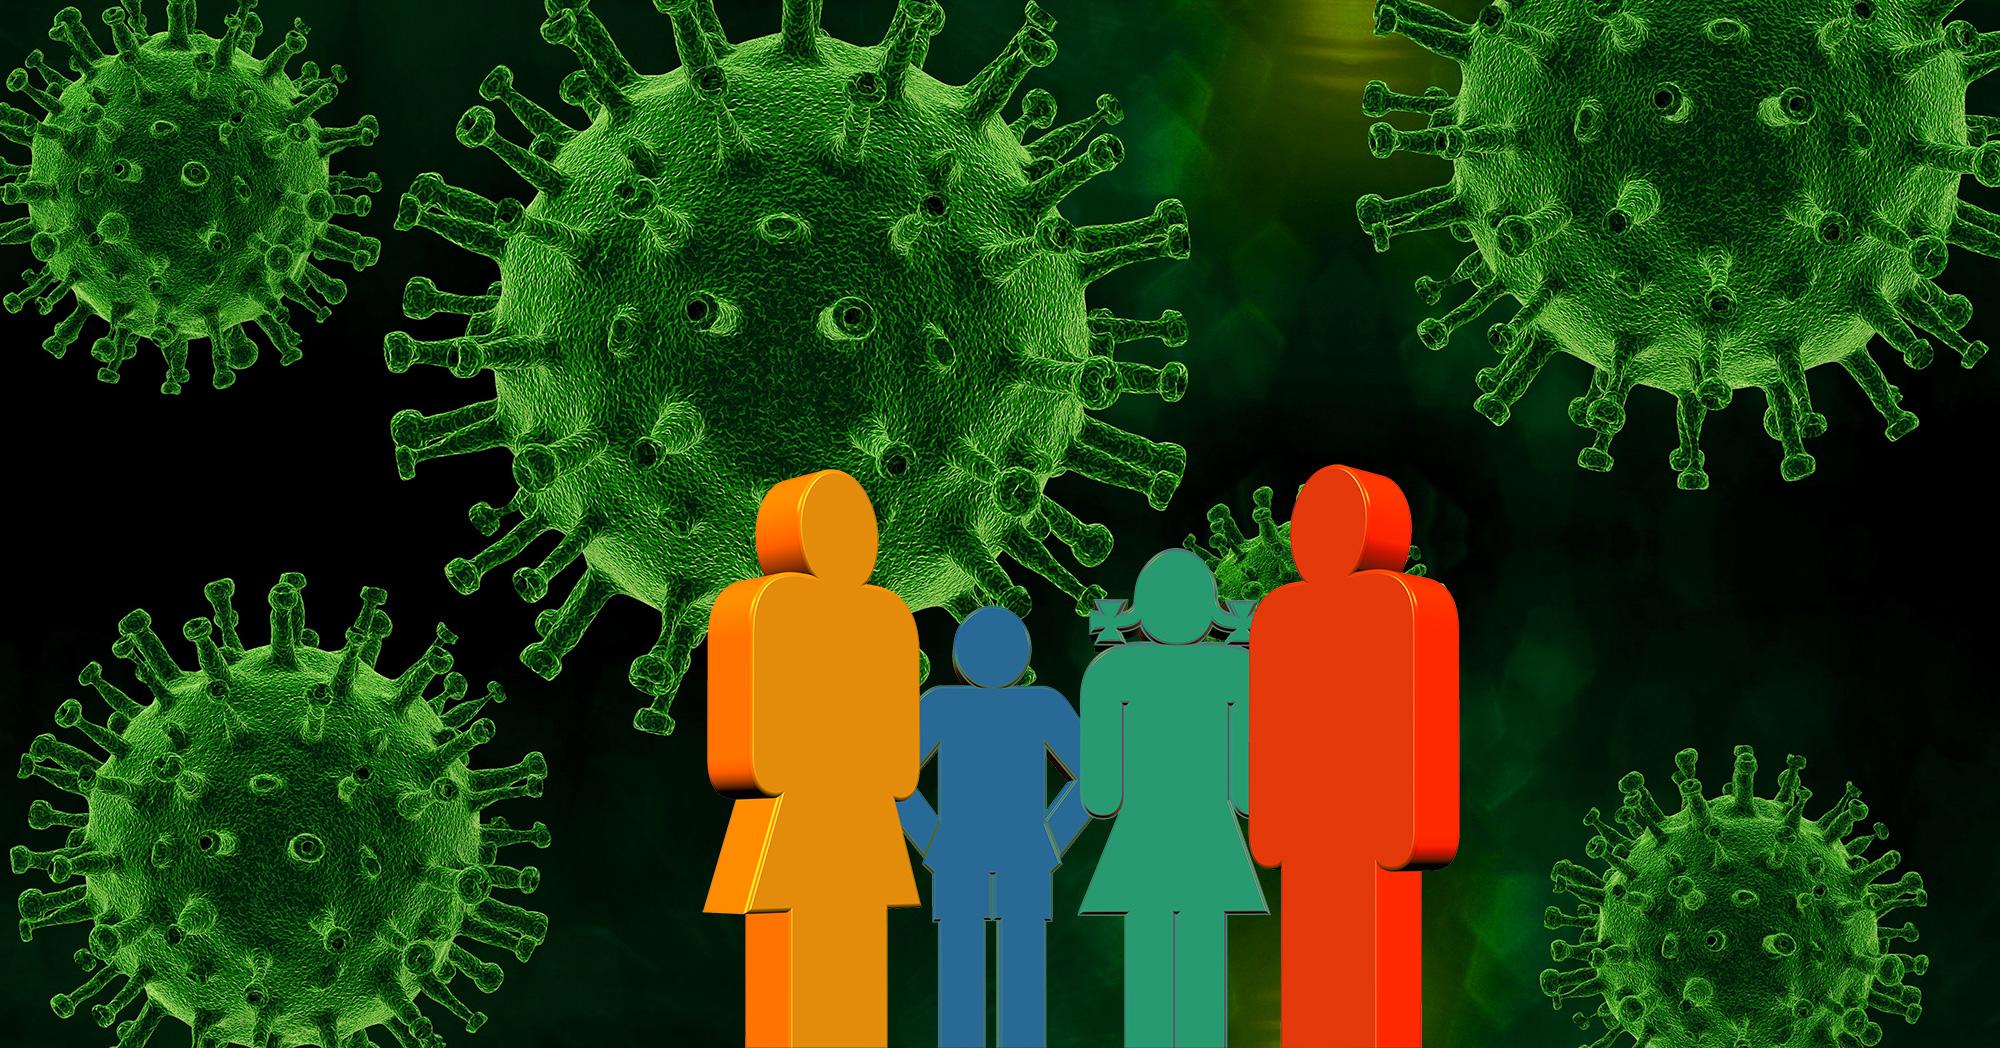 Aktuelle Informationen für die Feuerwehren des Landkreises zur Entwicklung COVID-19 (Coronavirus SARS-CoV-2)